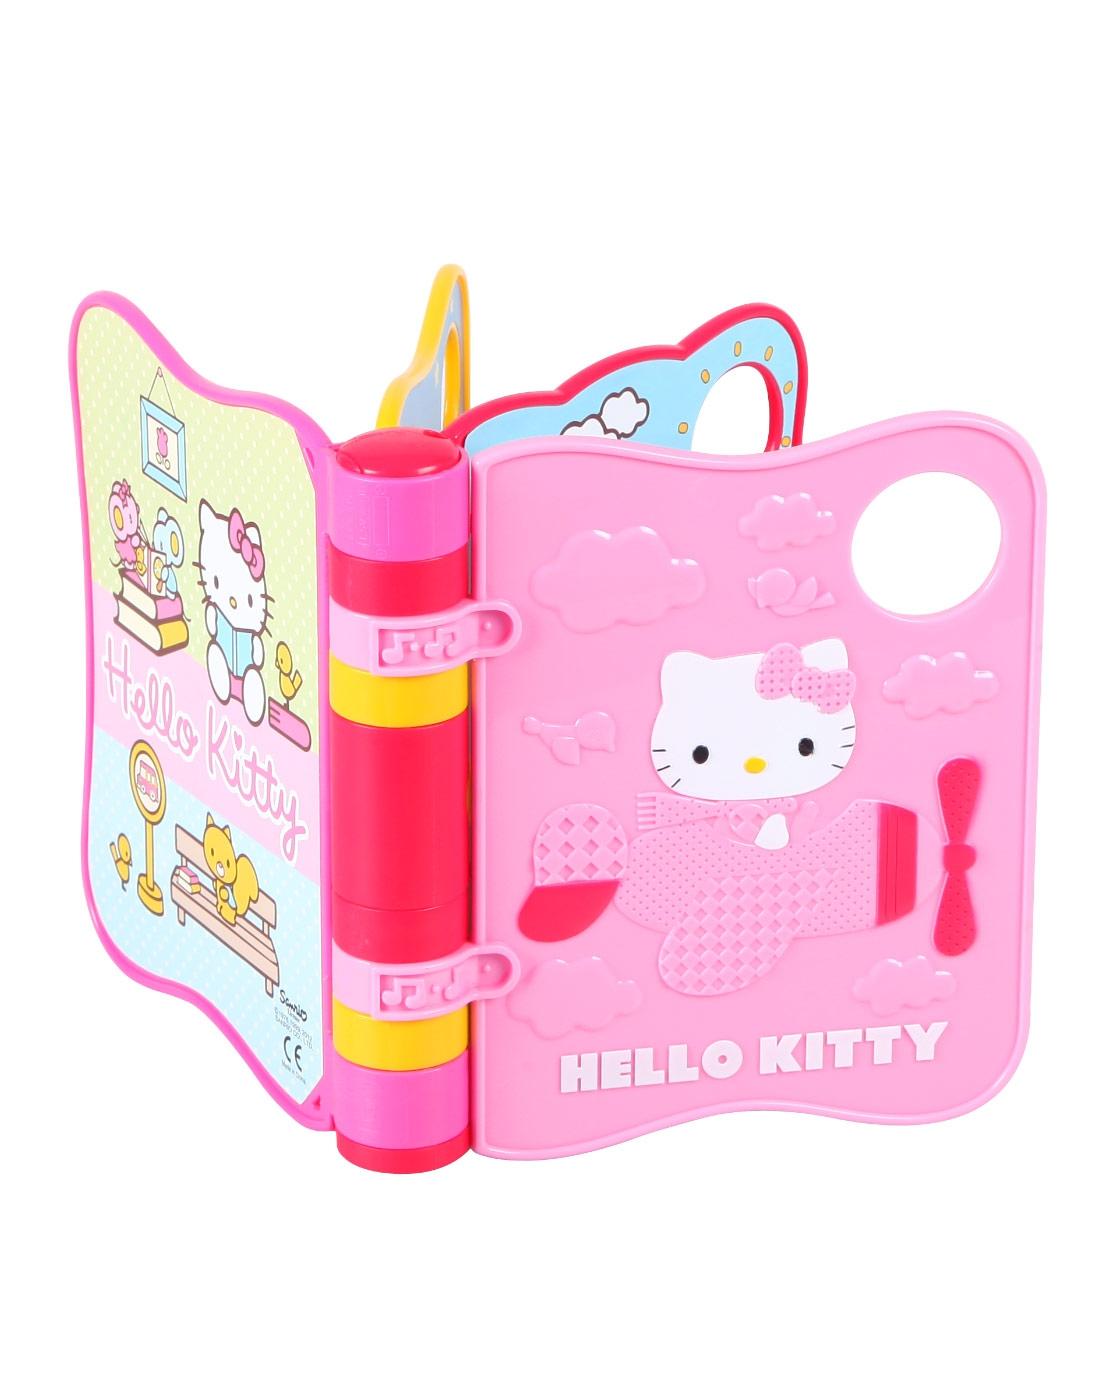 hello kitty儿童音乐书